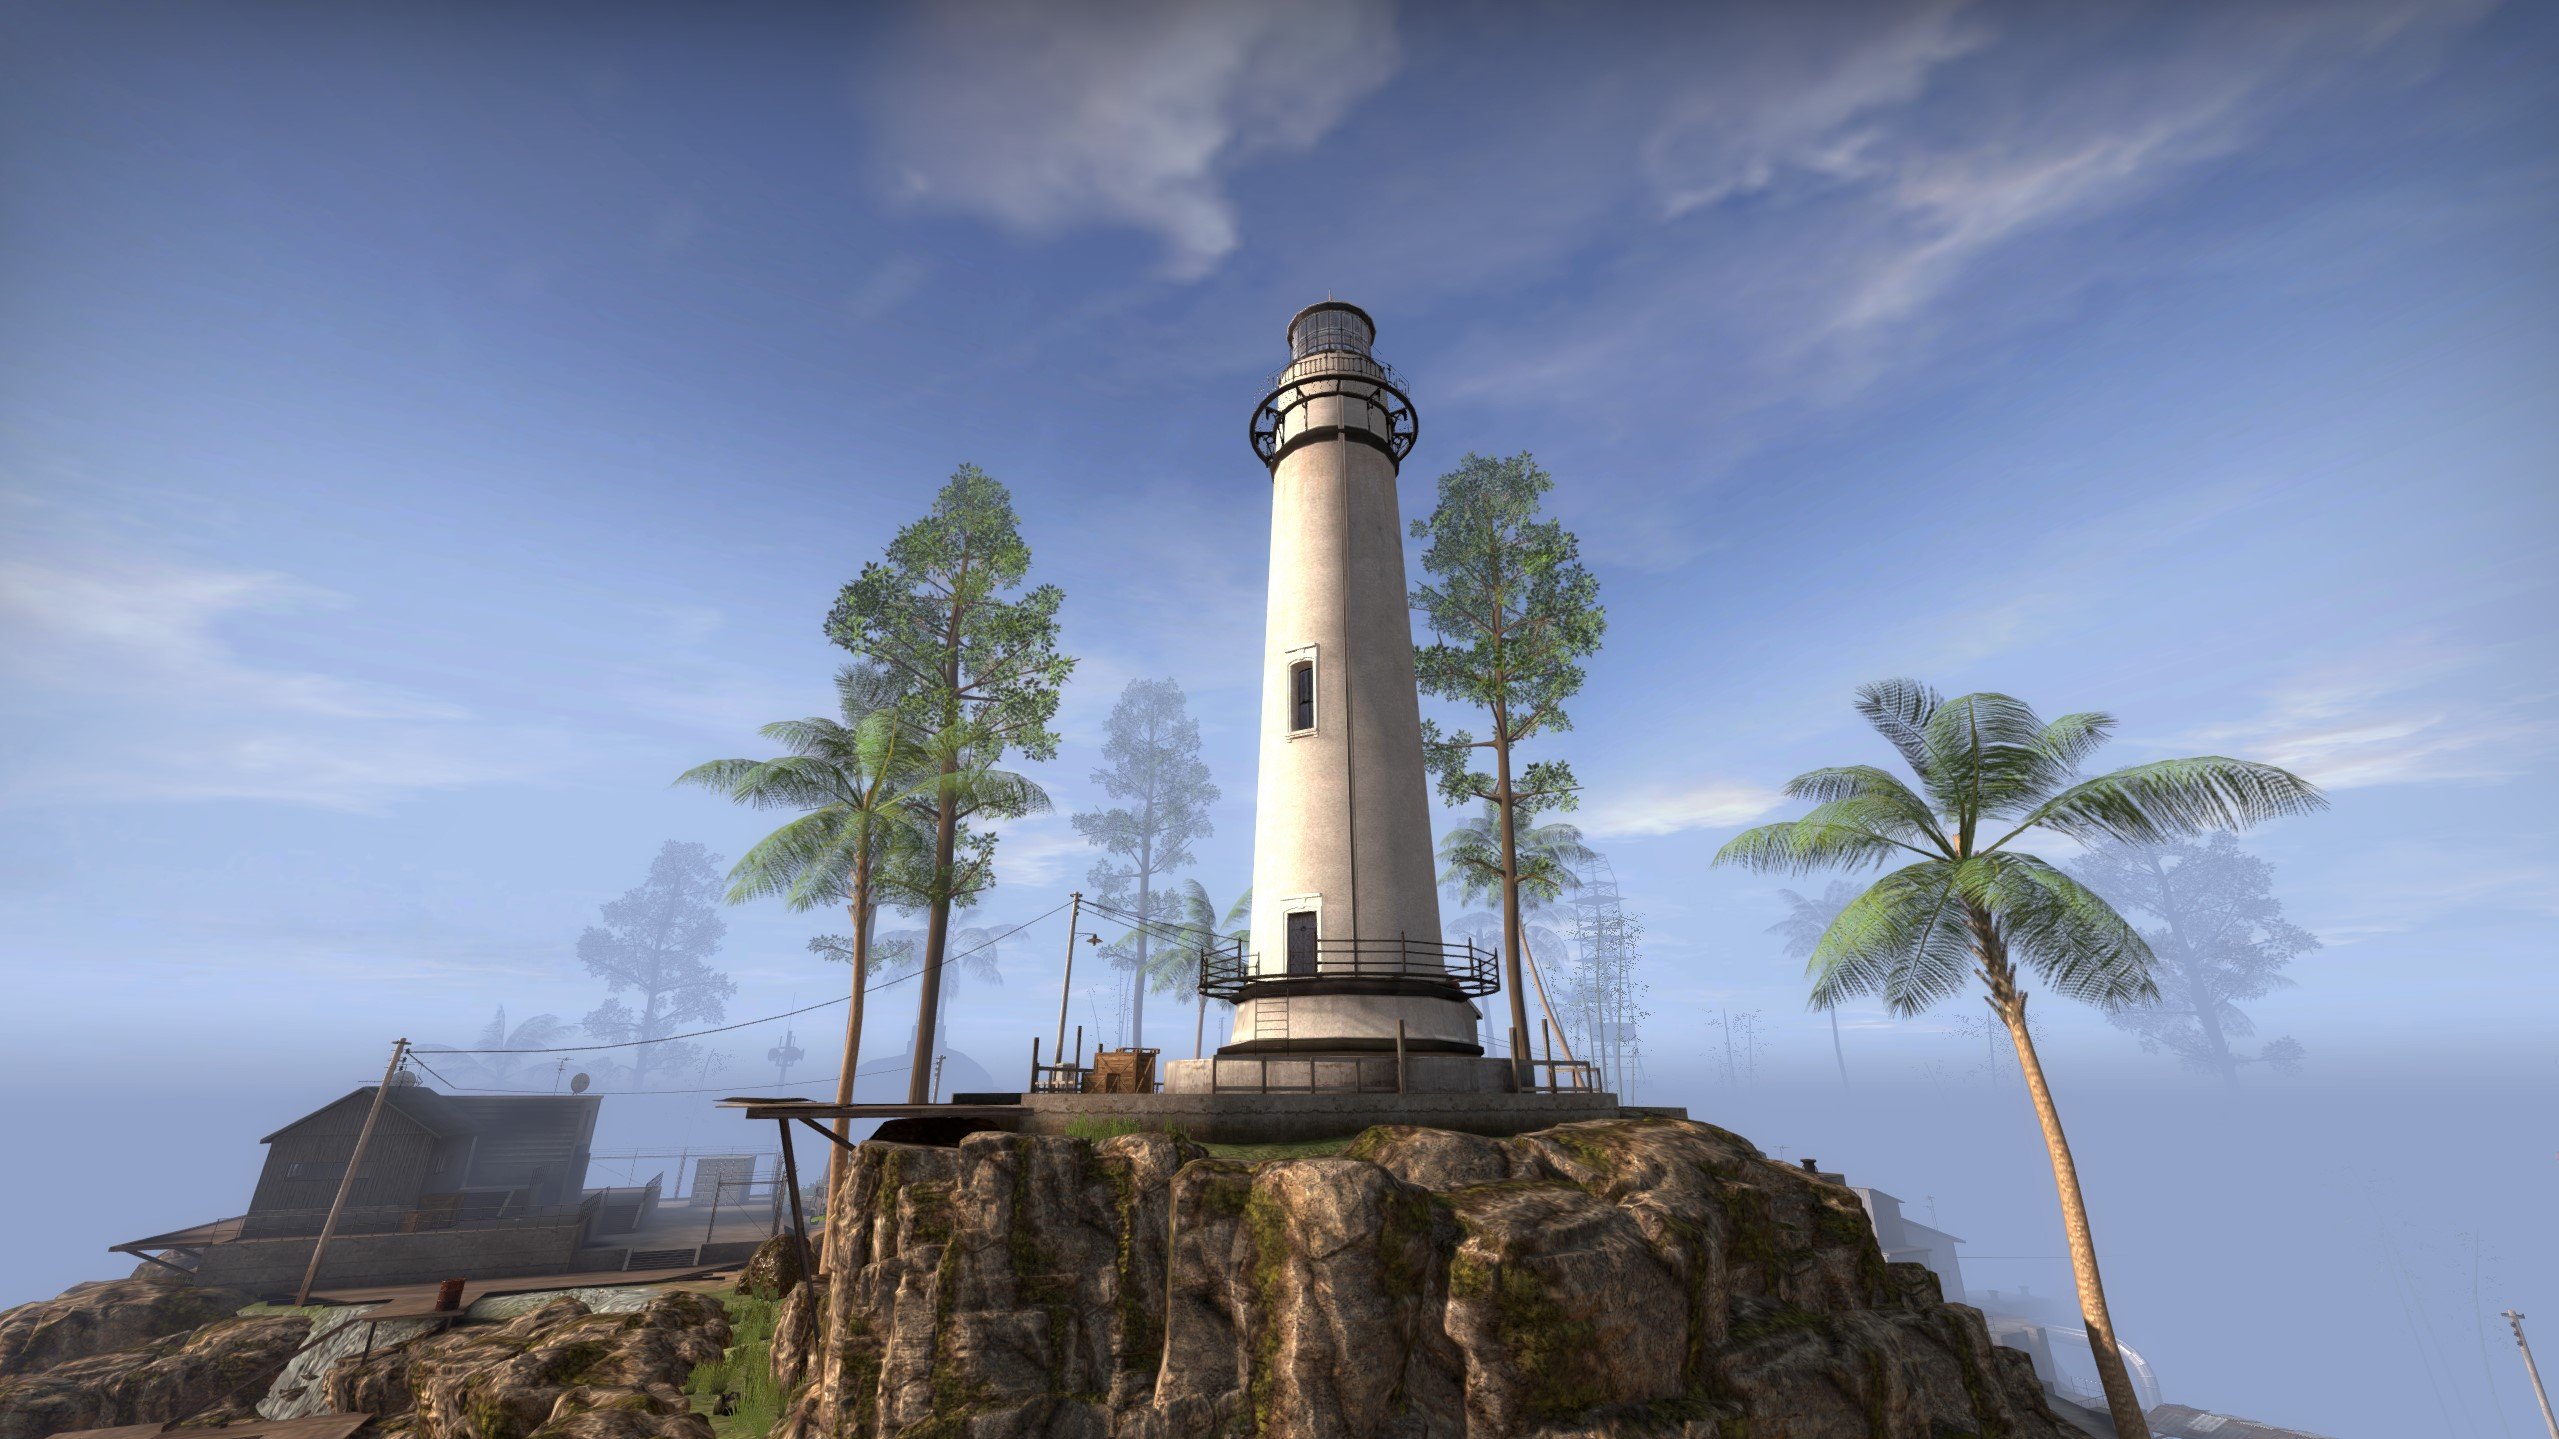 CS GO Danger Zone Jungle Lighthouse